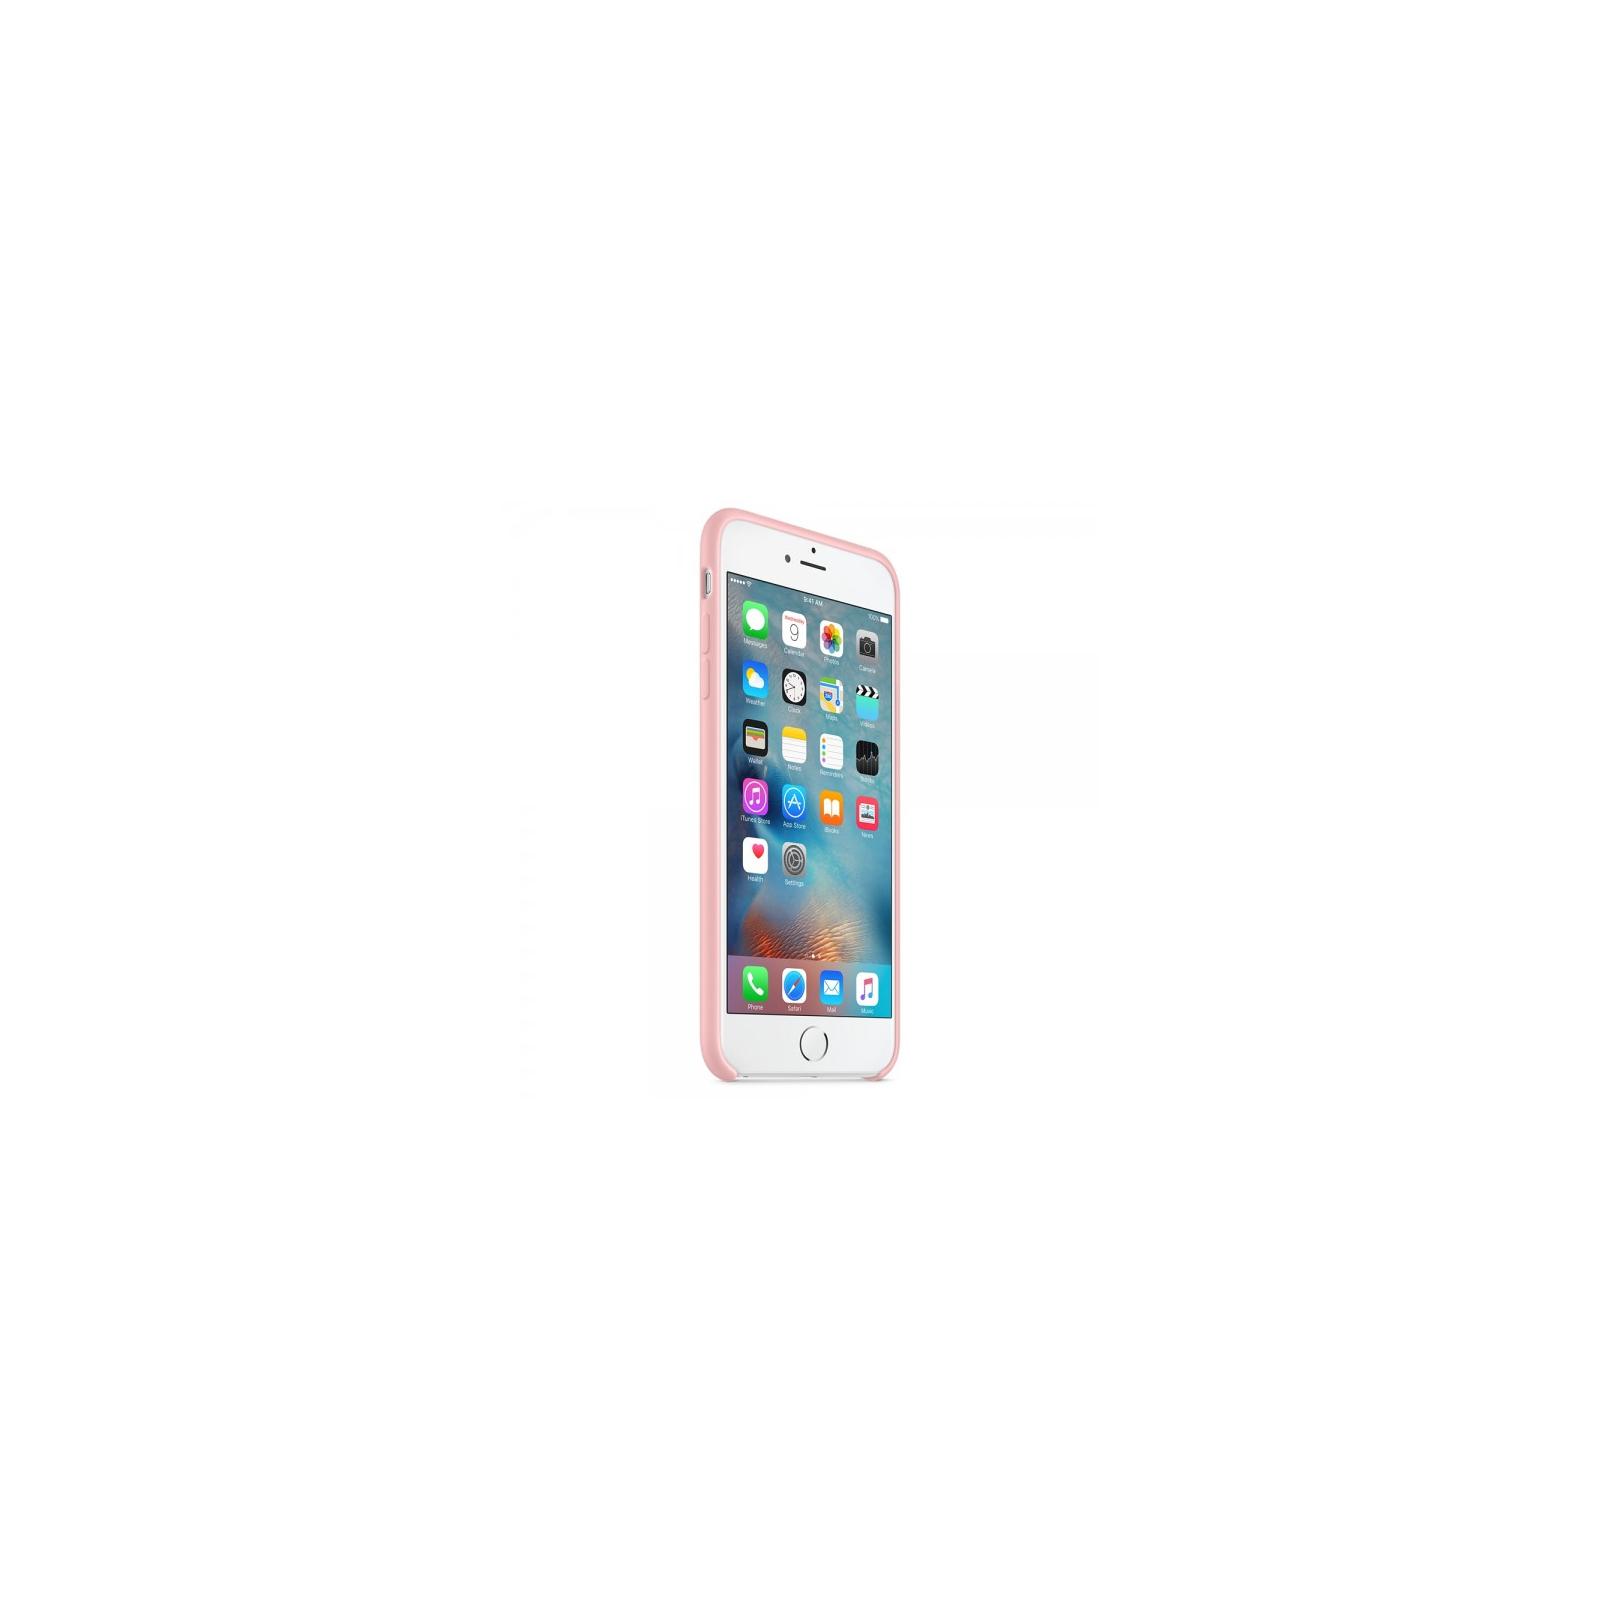 Чехол для моб. телефона Apple для iPhone 6 Plus/6s Plus Pink (MLCY2ZM/A) изображение 4